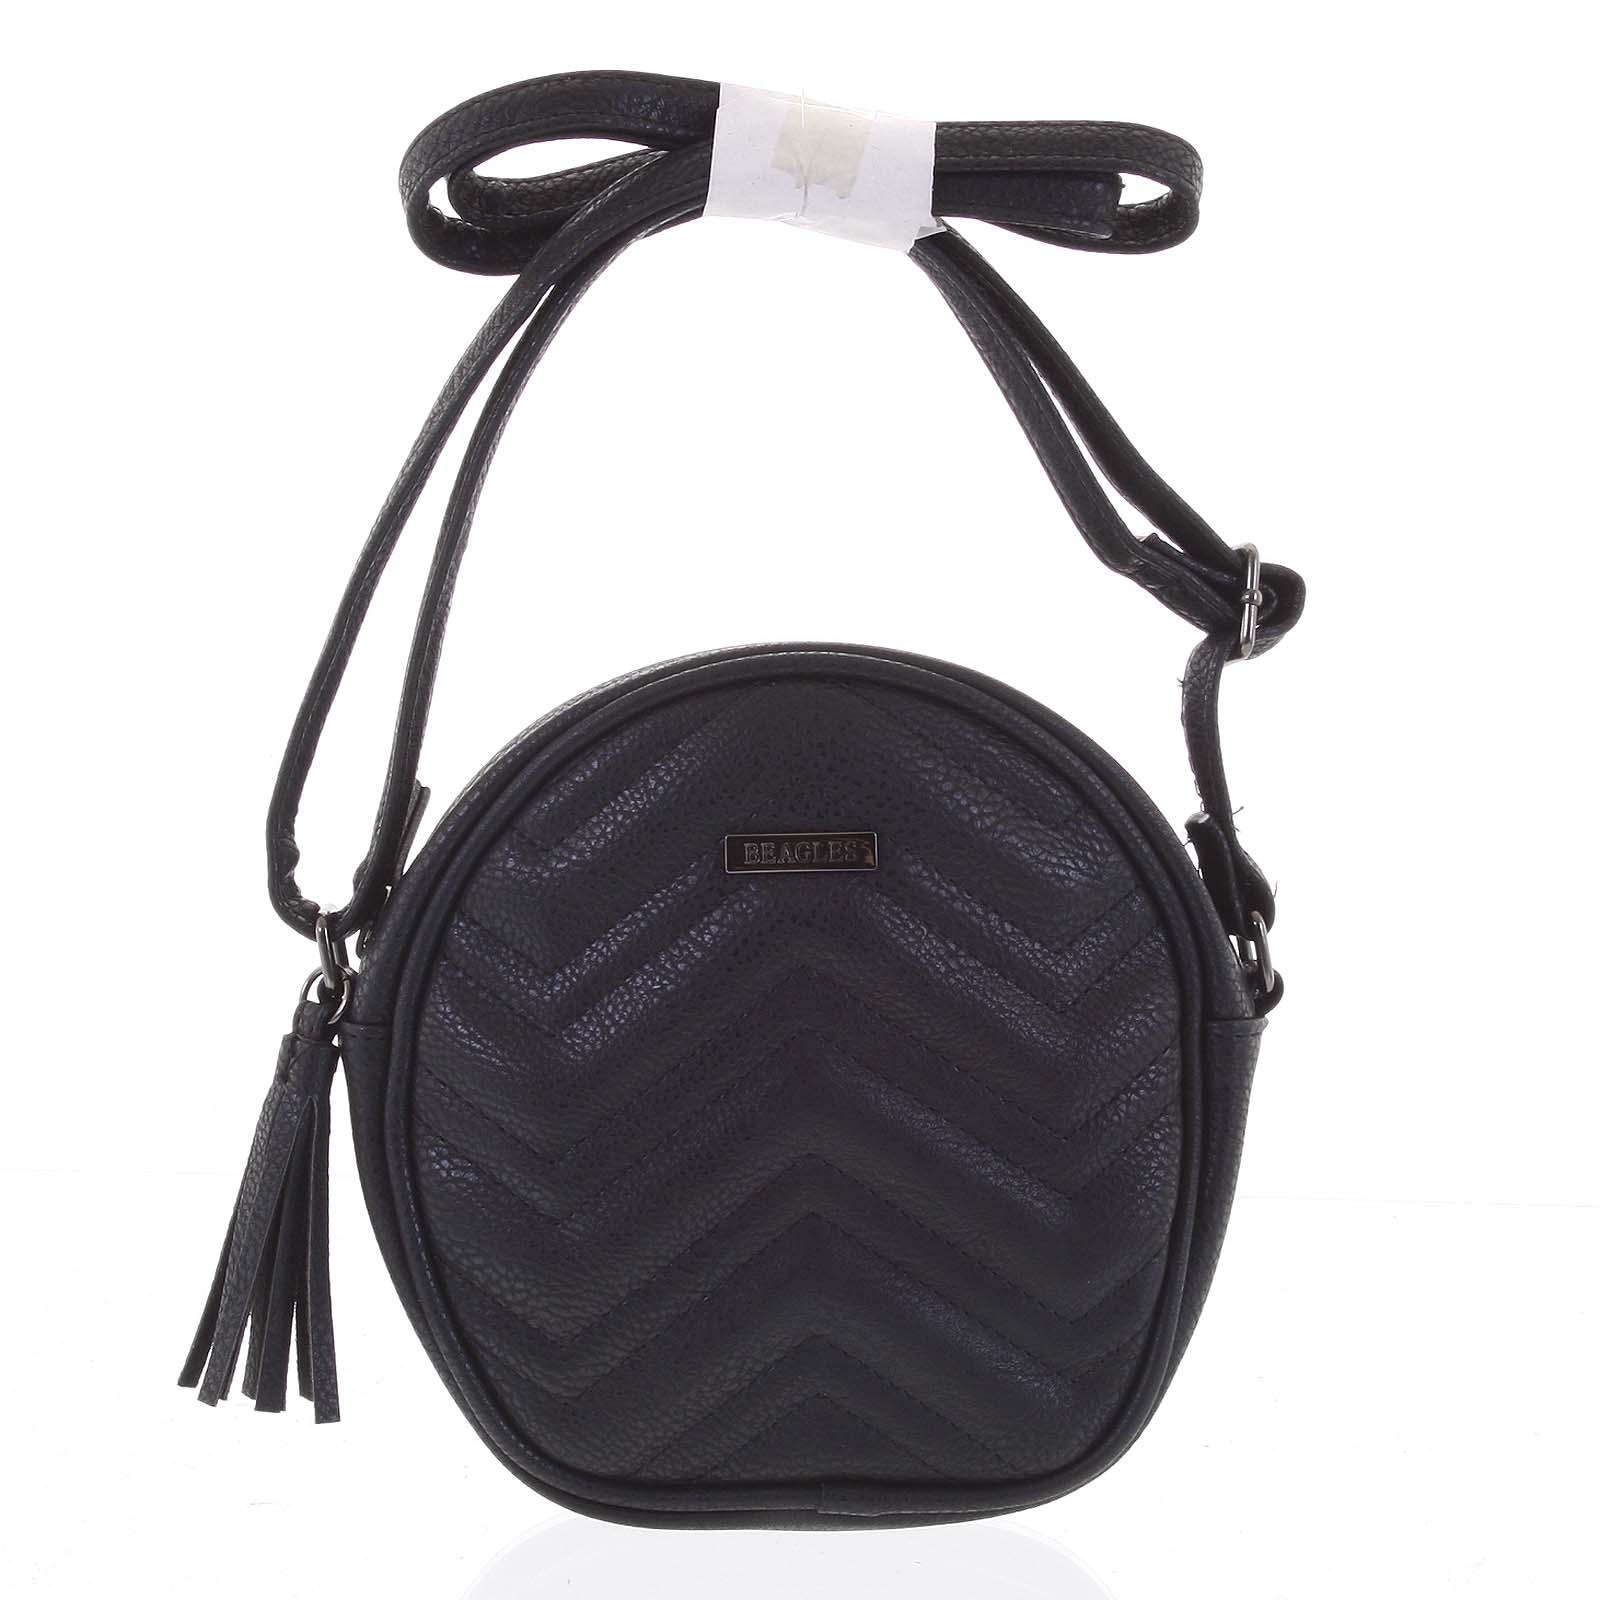 Malá trendy crossbody kabelka čierna - Beagles Mana čierna